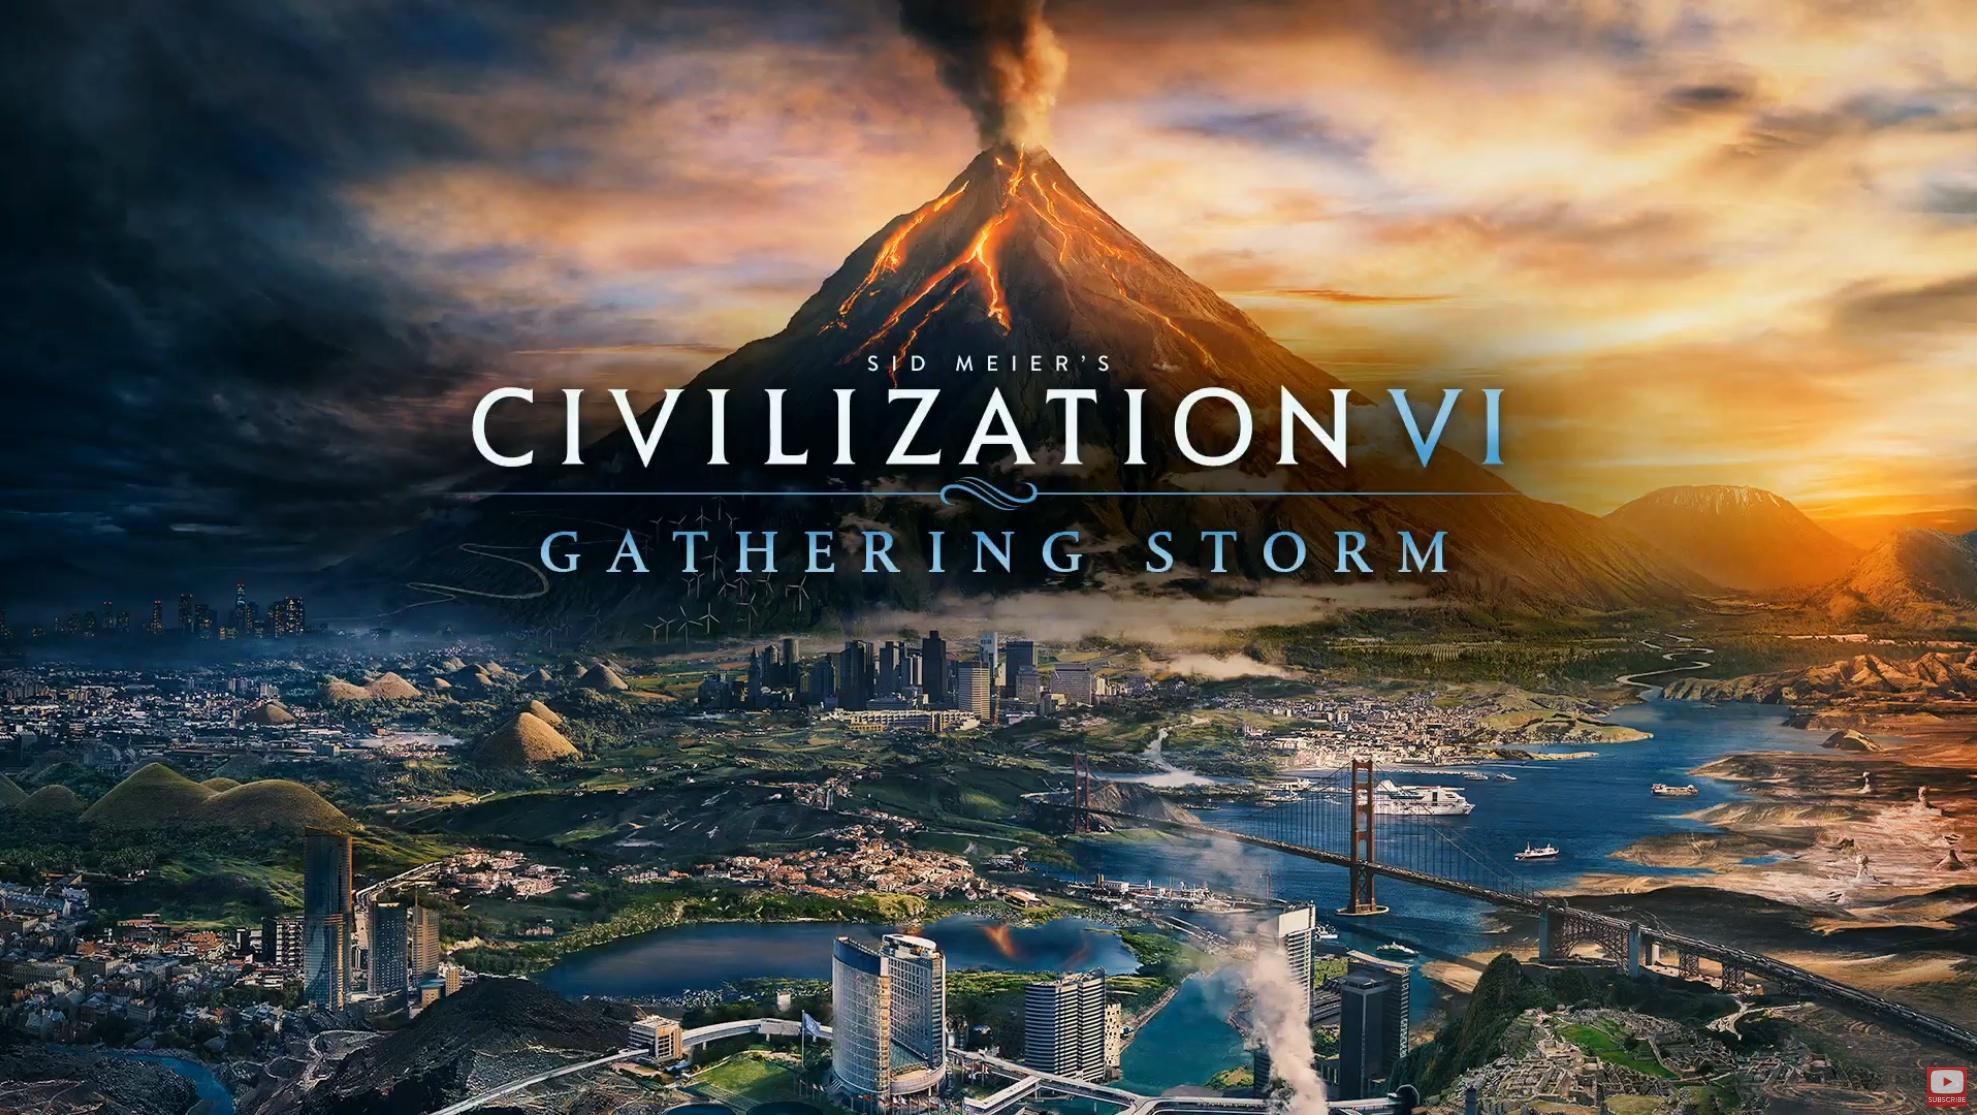 sid meier's civilization vi: gathering storm pc indir